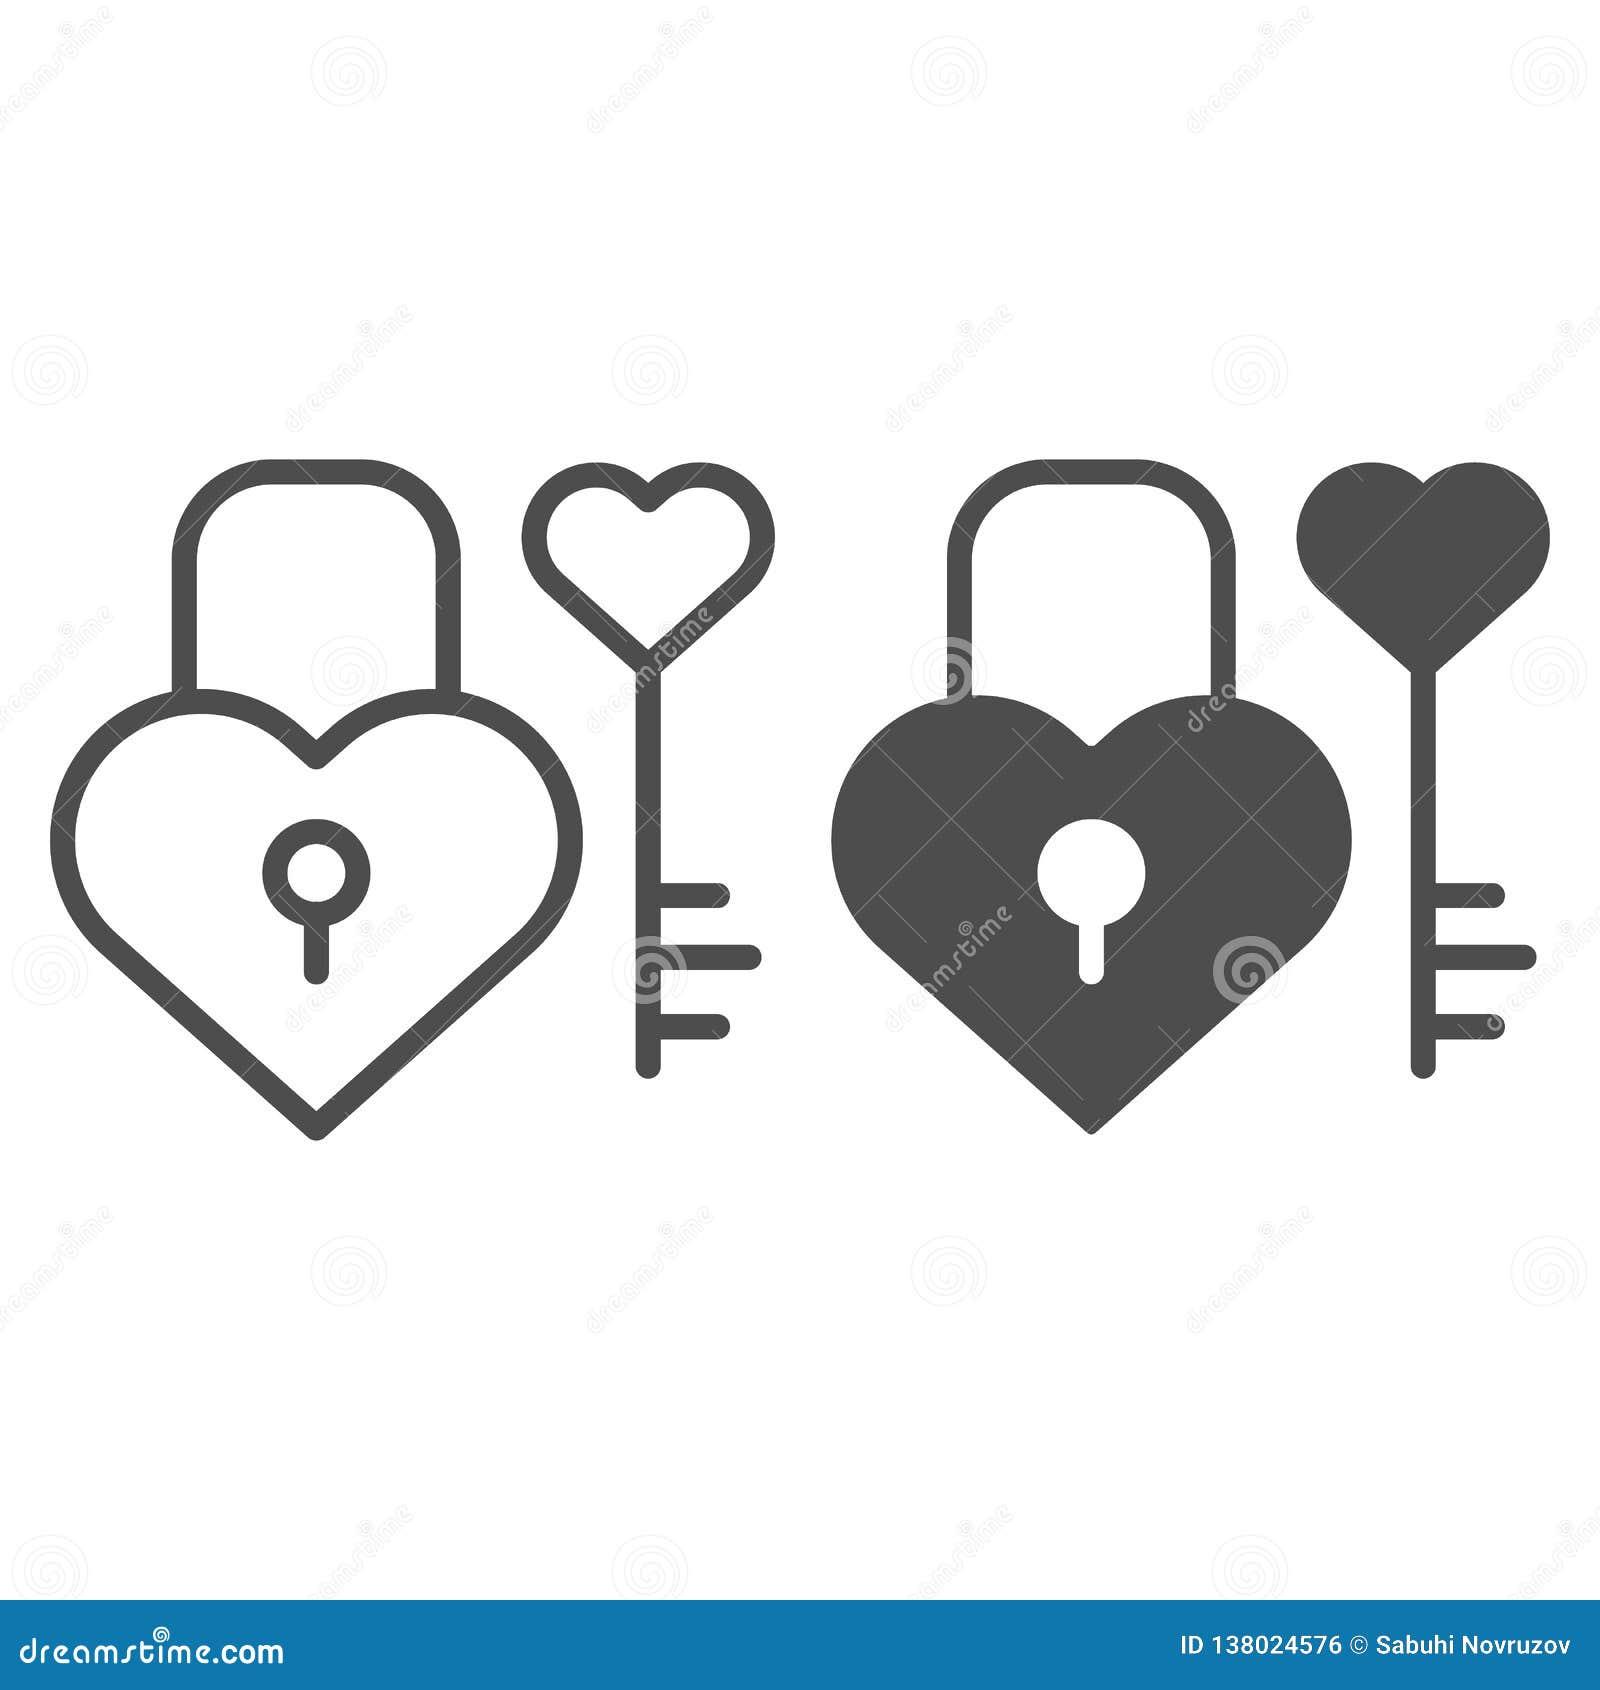 Fechamento E Chave Na Linha Da Forma Do Coração E No ícone